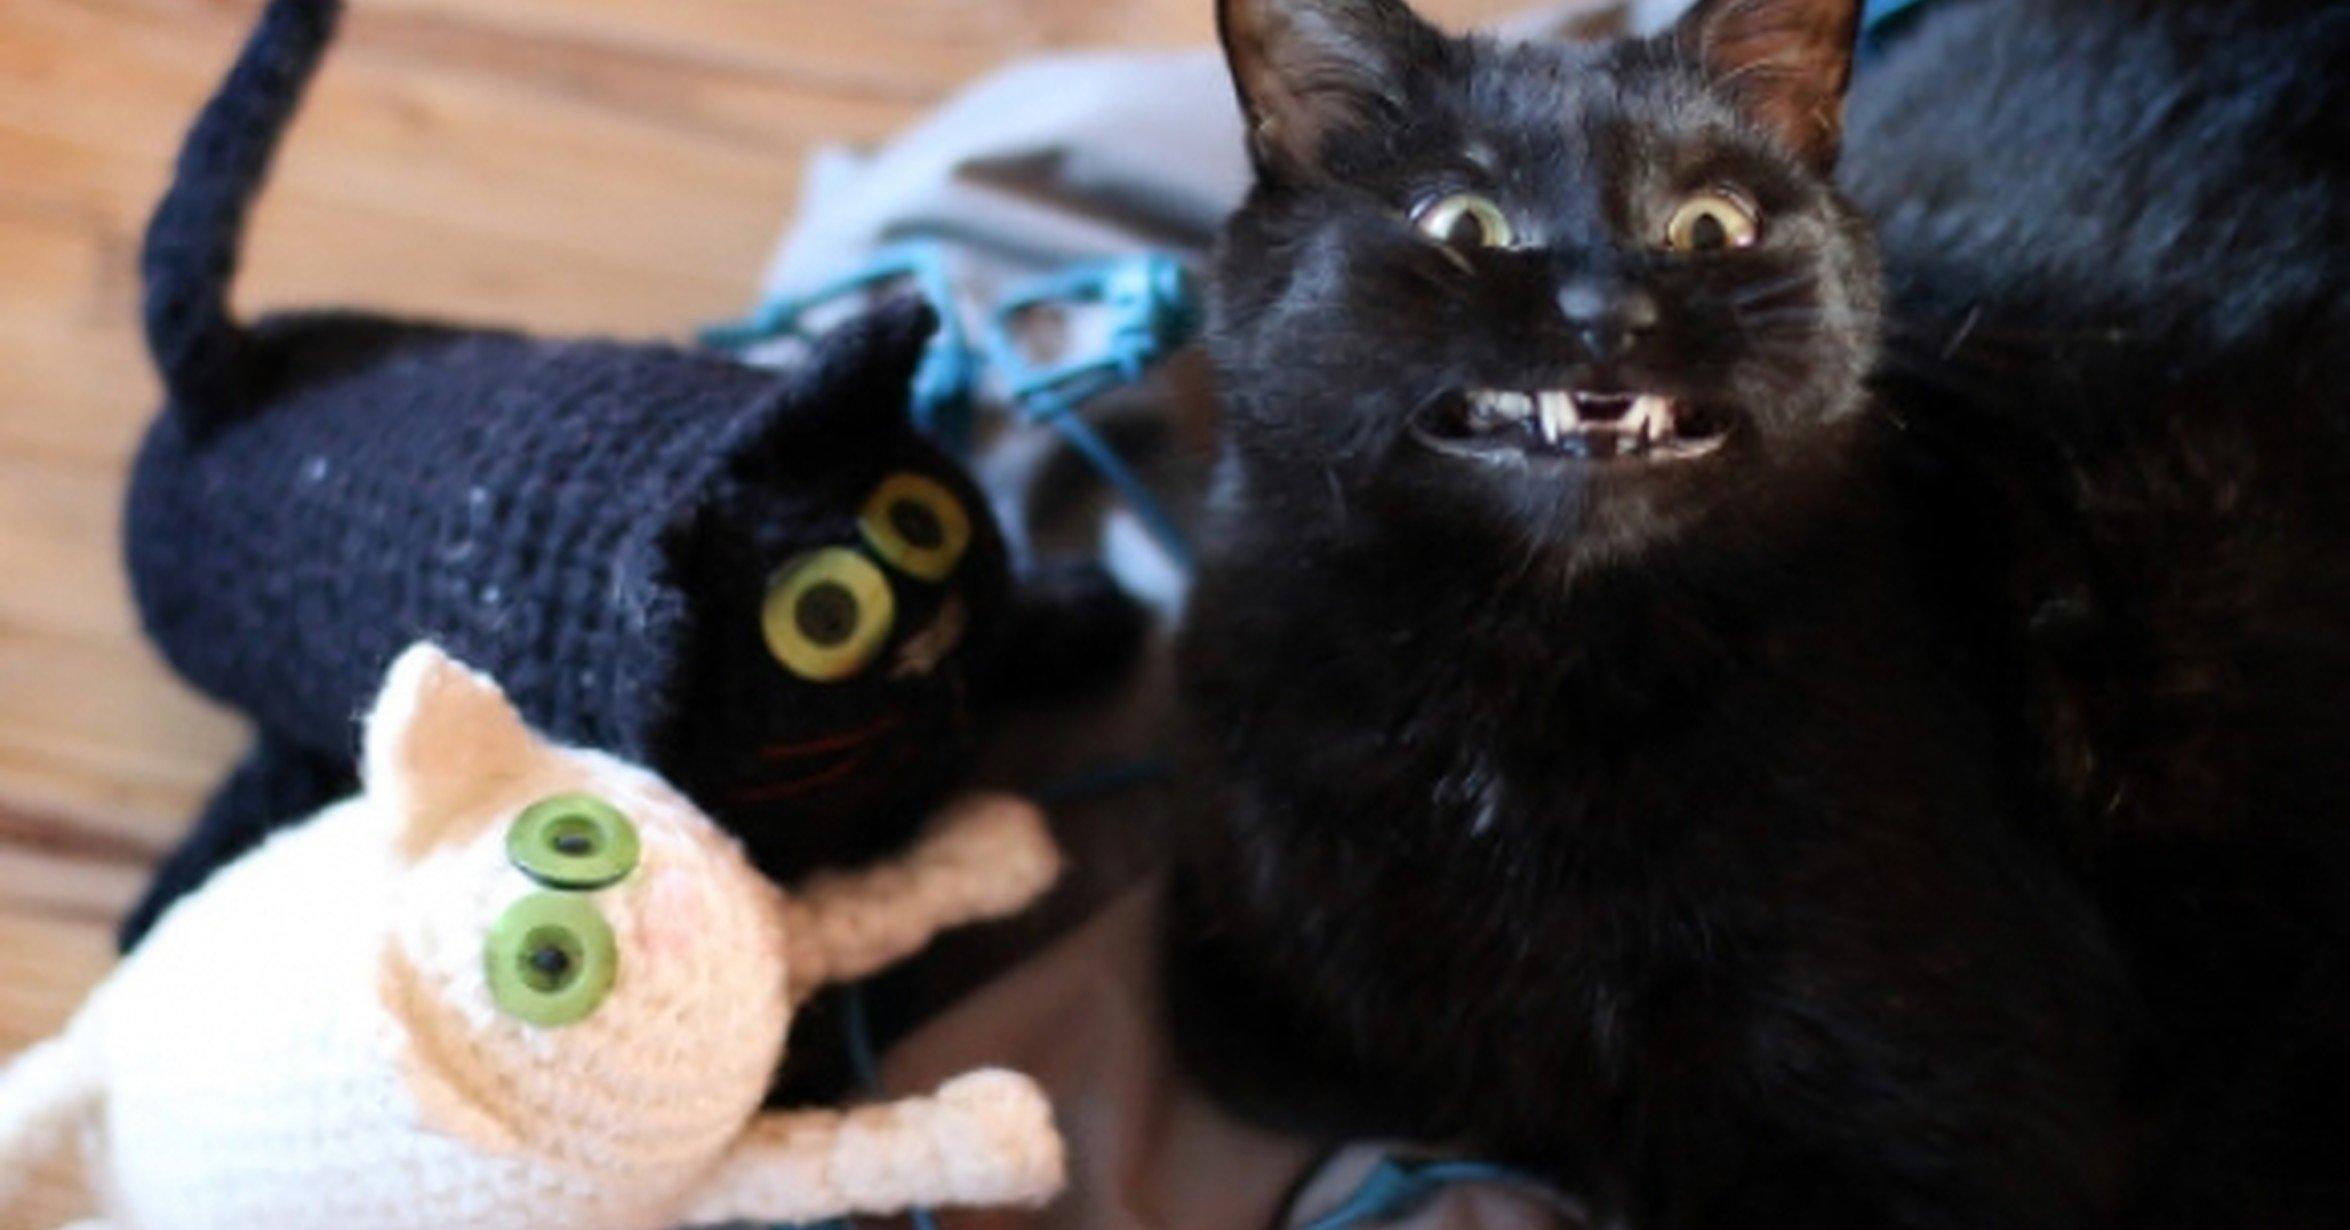 Gato negro sonriendo junto a un juguete de él mismo